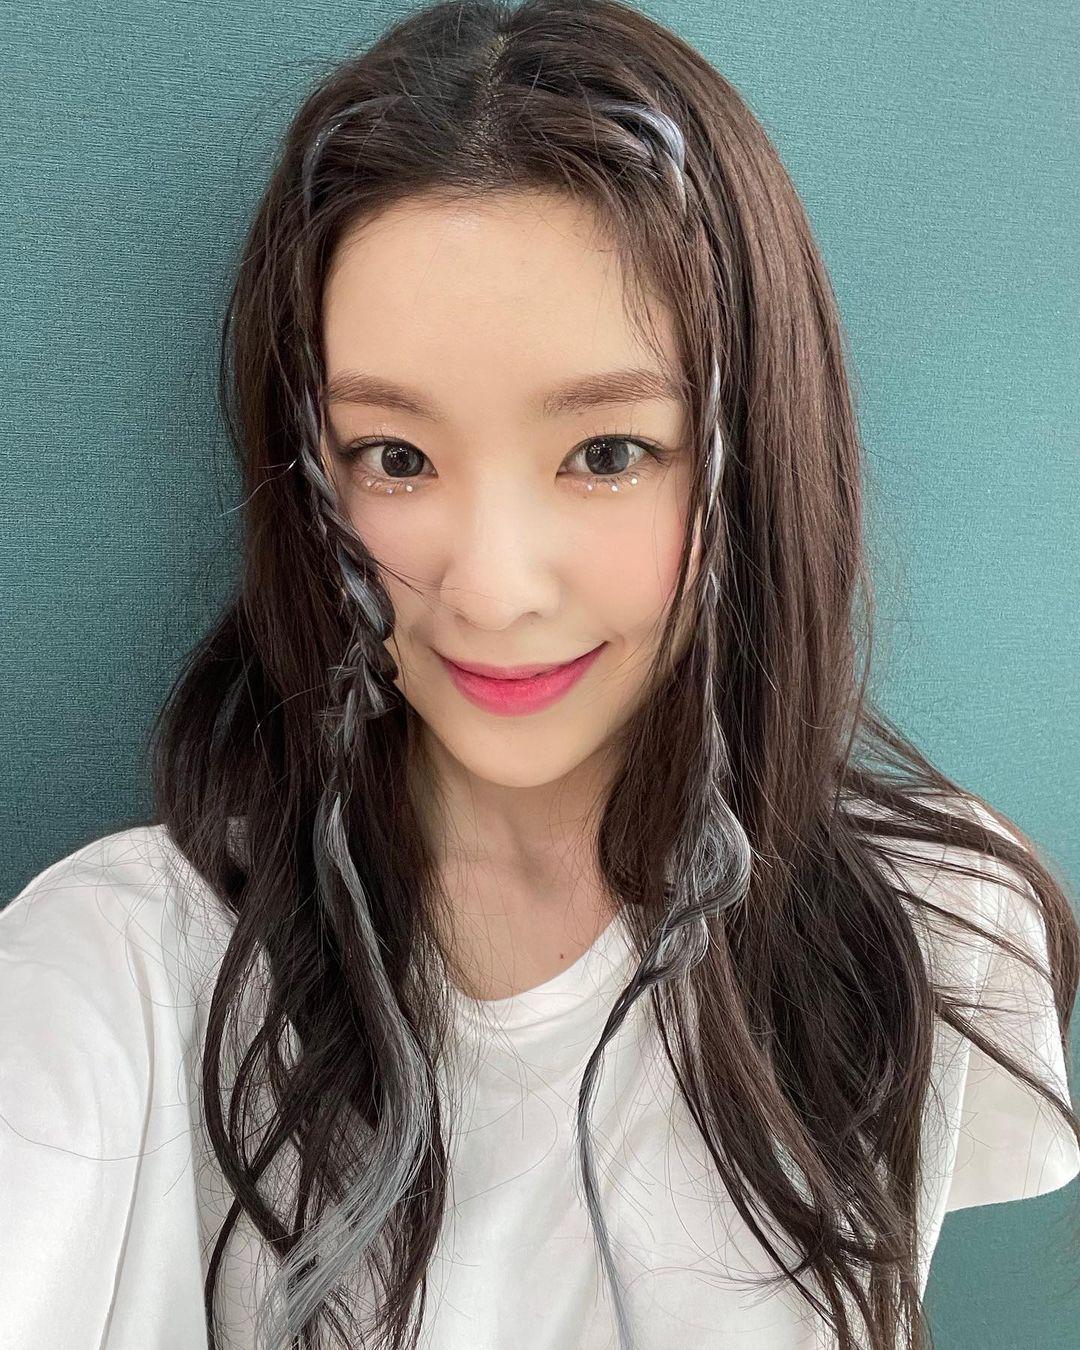 4 xu hướng nhuộm tóc mùa thu của sao Hàn: Toàn màu tôn da, thanh lịch hợp công sở - Ảnh 16